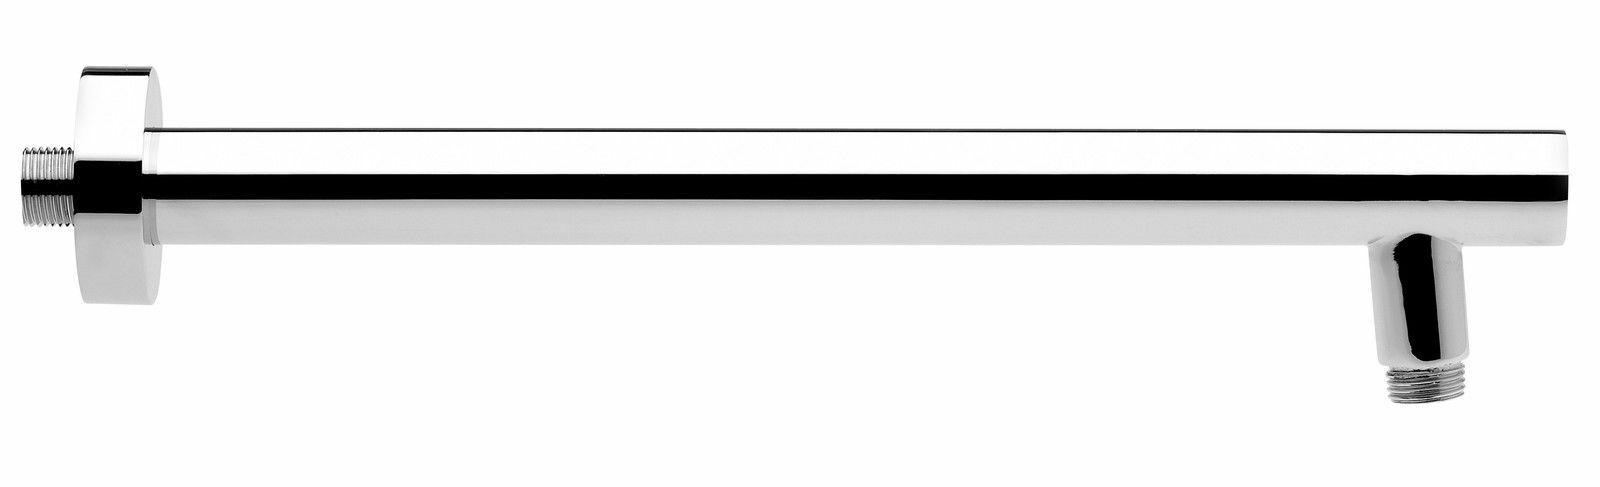 Design Wandarm Zulaufarm für Duschkopf massiv Metall Chrom von Fromac 6661